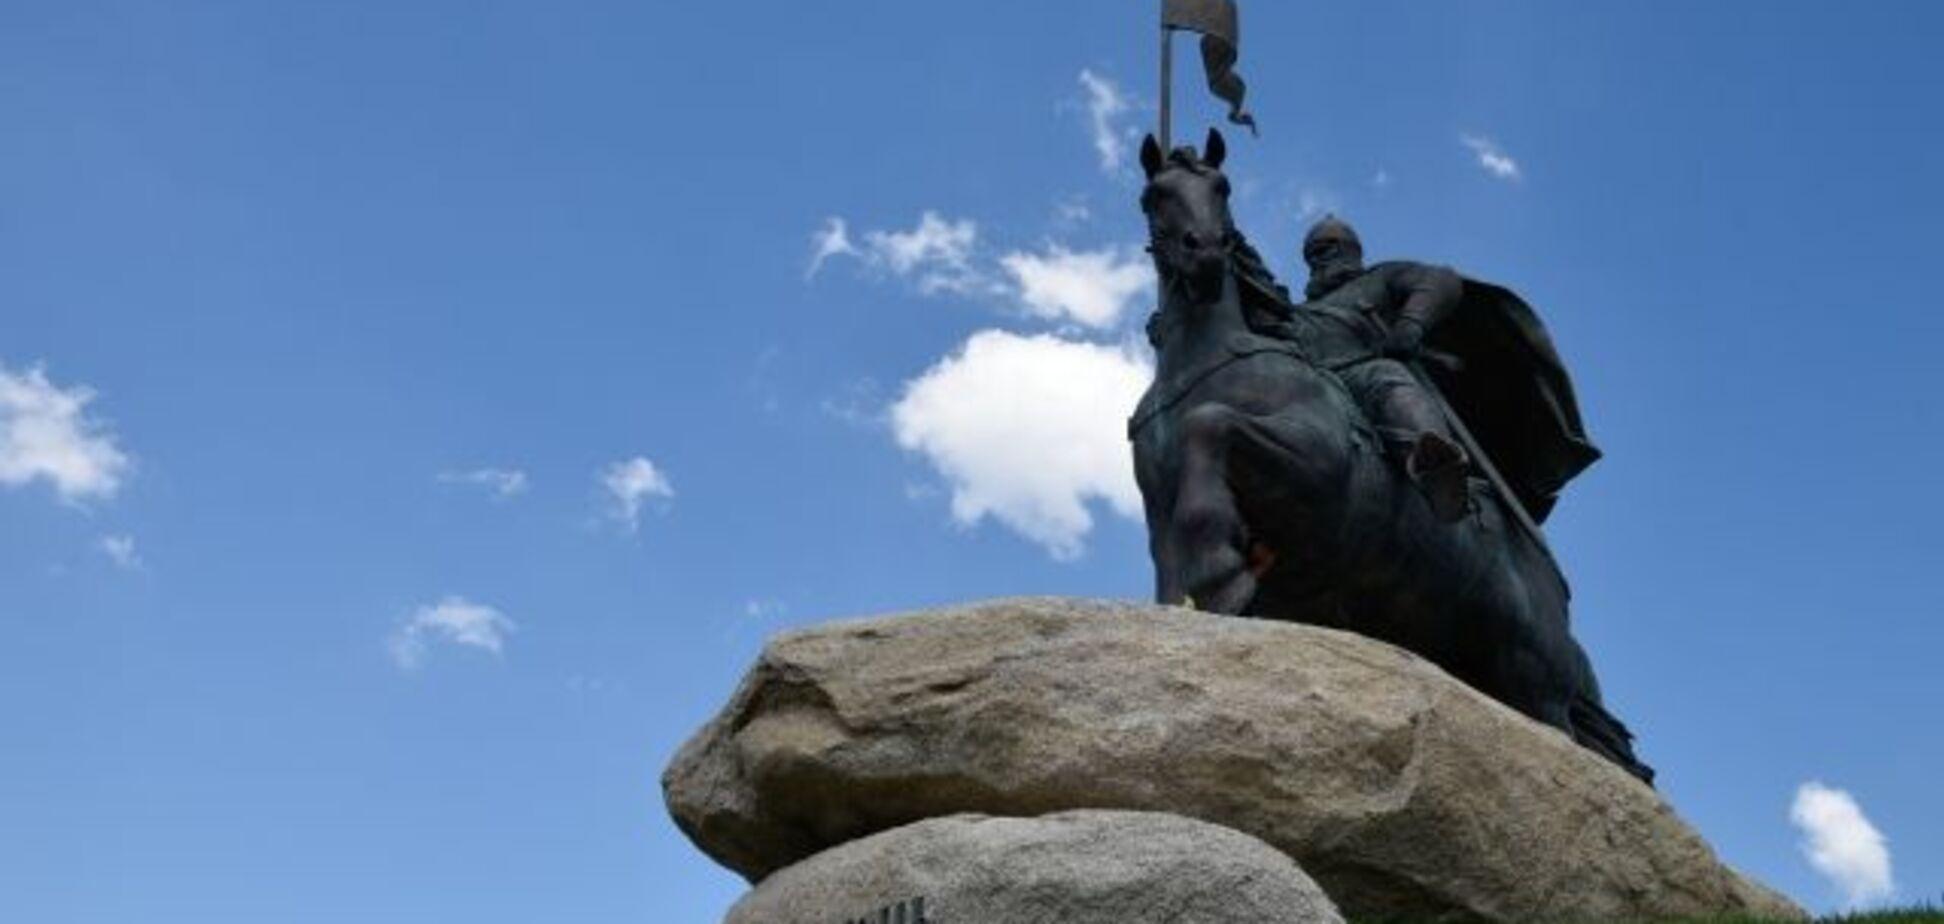 Є вагомі підстави вважати Іллю Муромця українцем - історик